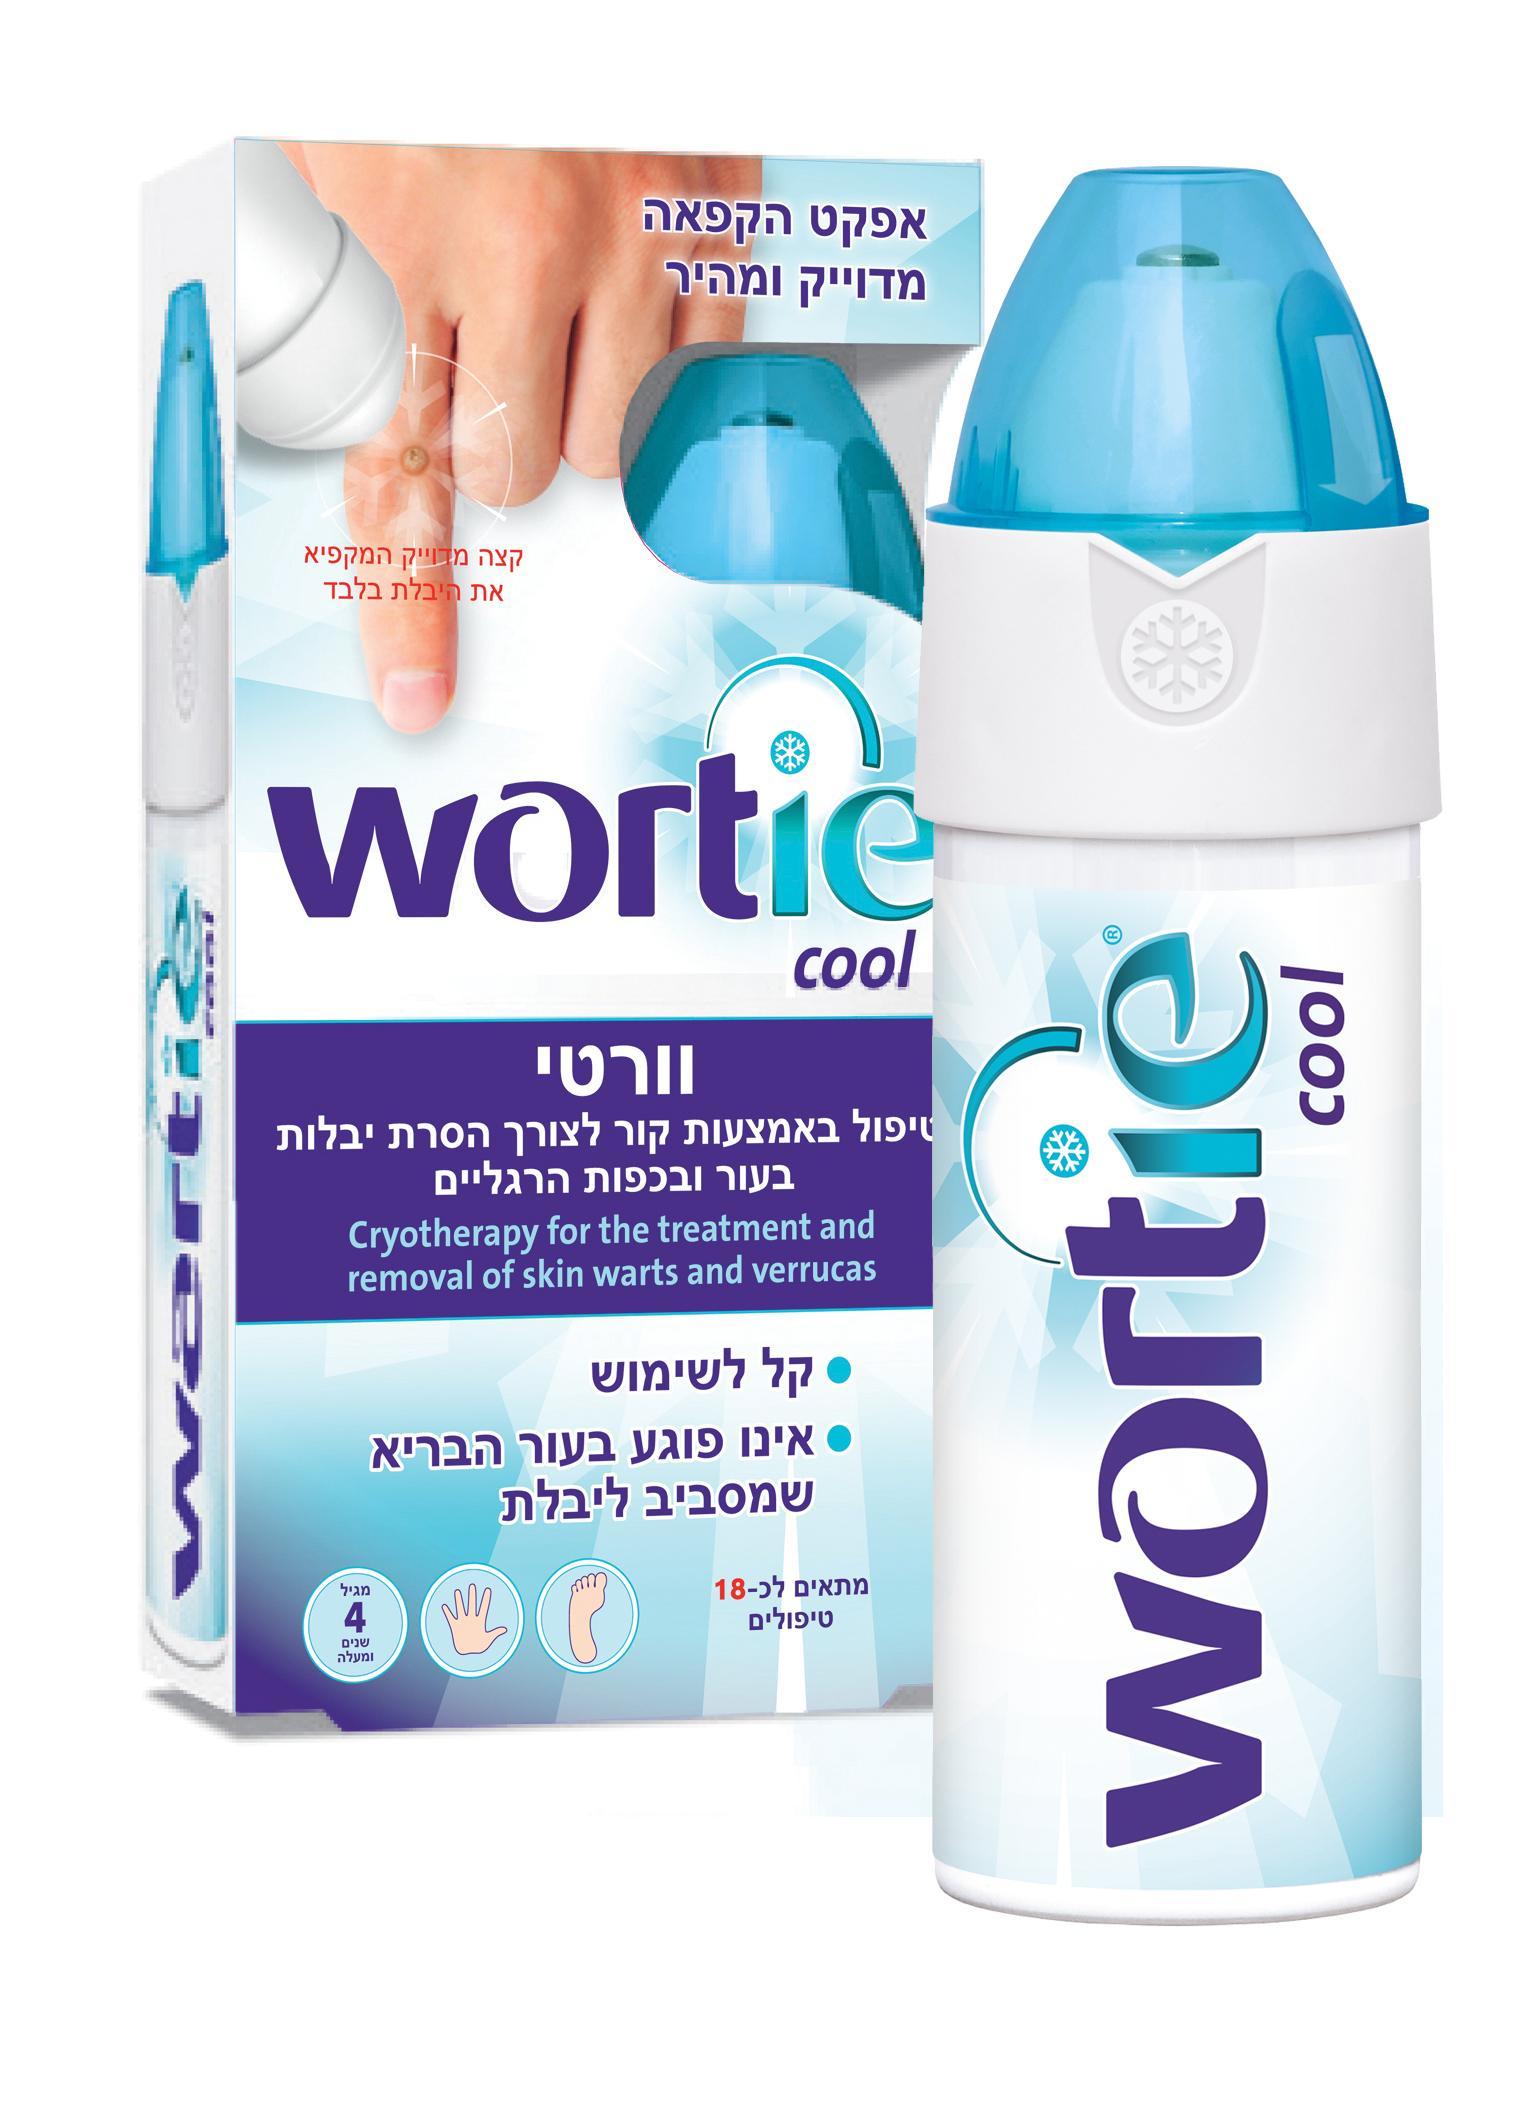 וורטי – worite  טיפול ביתי באמצעות קור להסרת יבלות בעור בכפו...